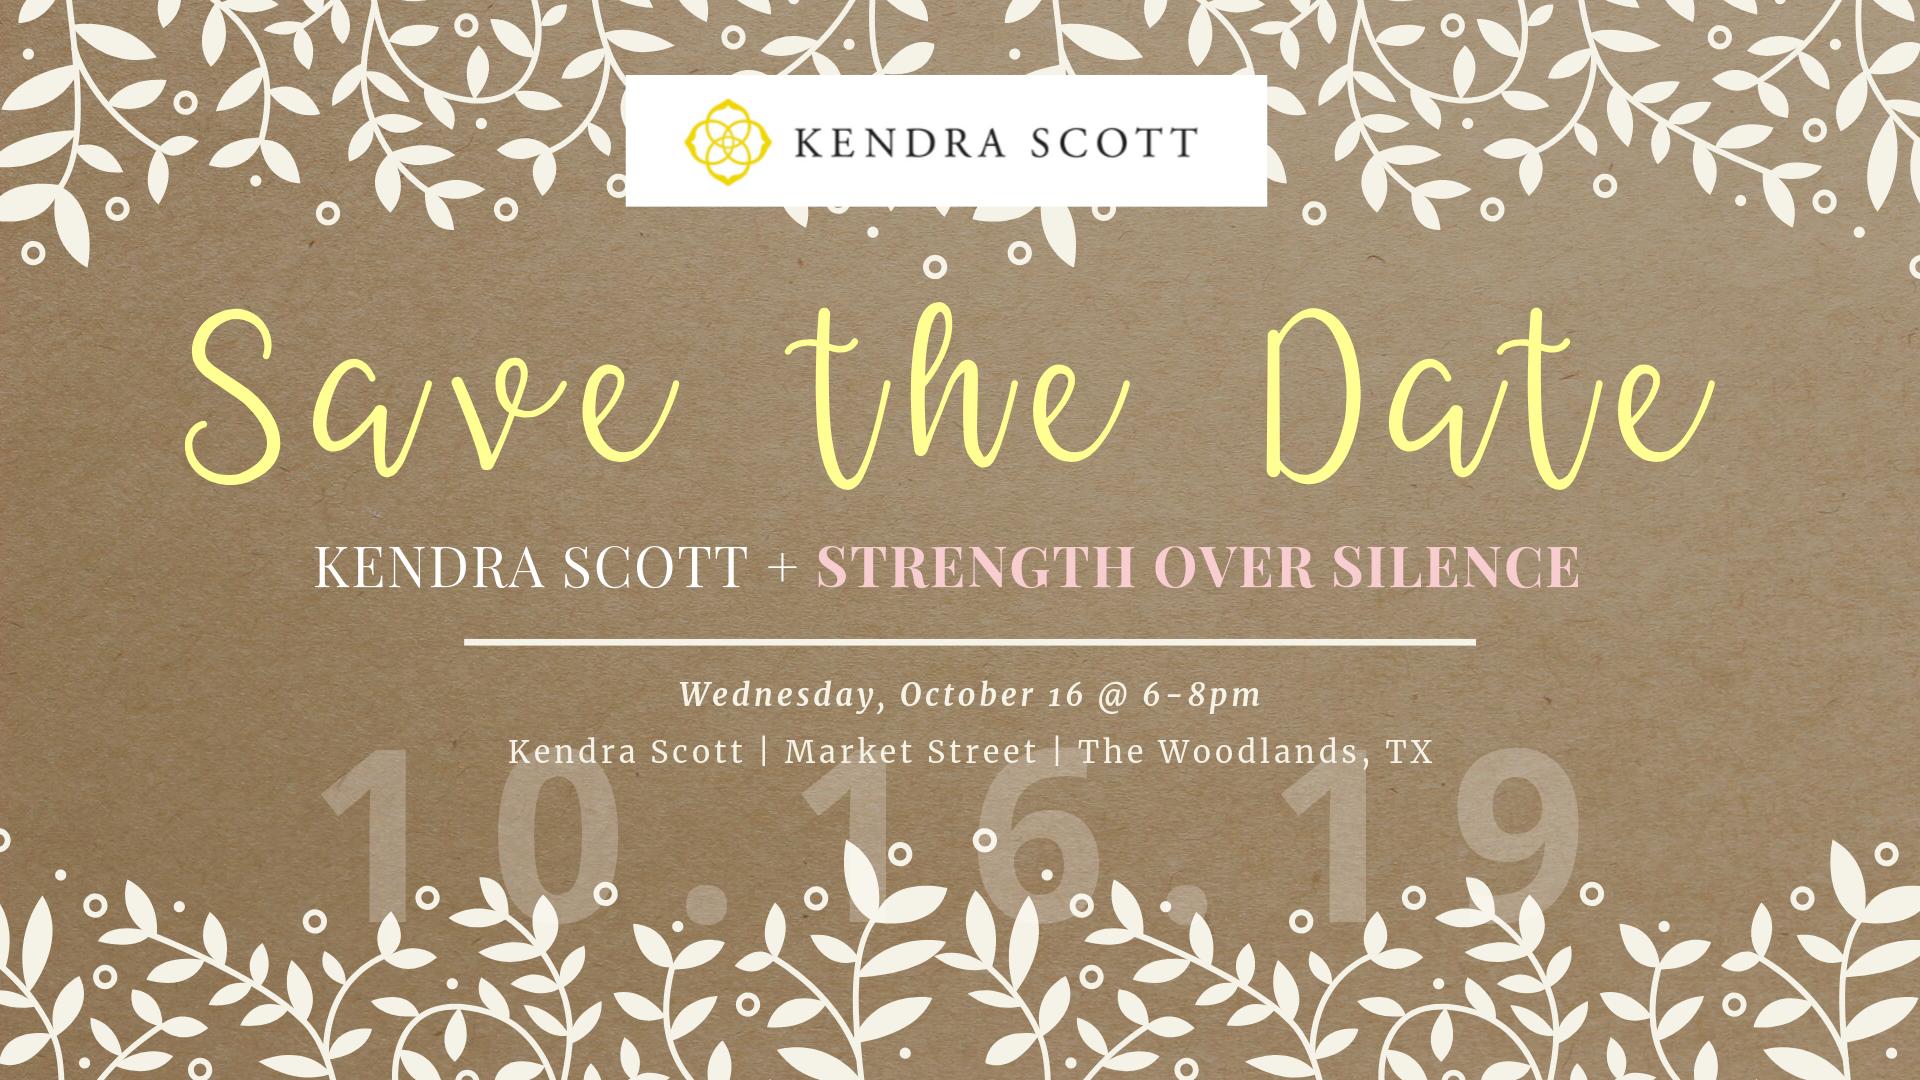 Kendra Scott FB Event.png